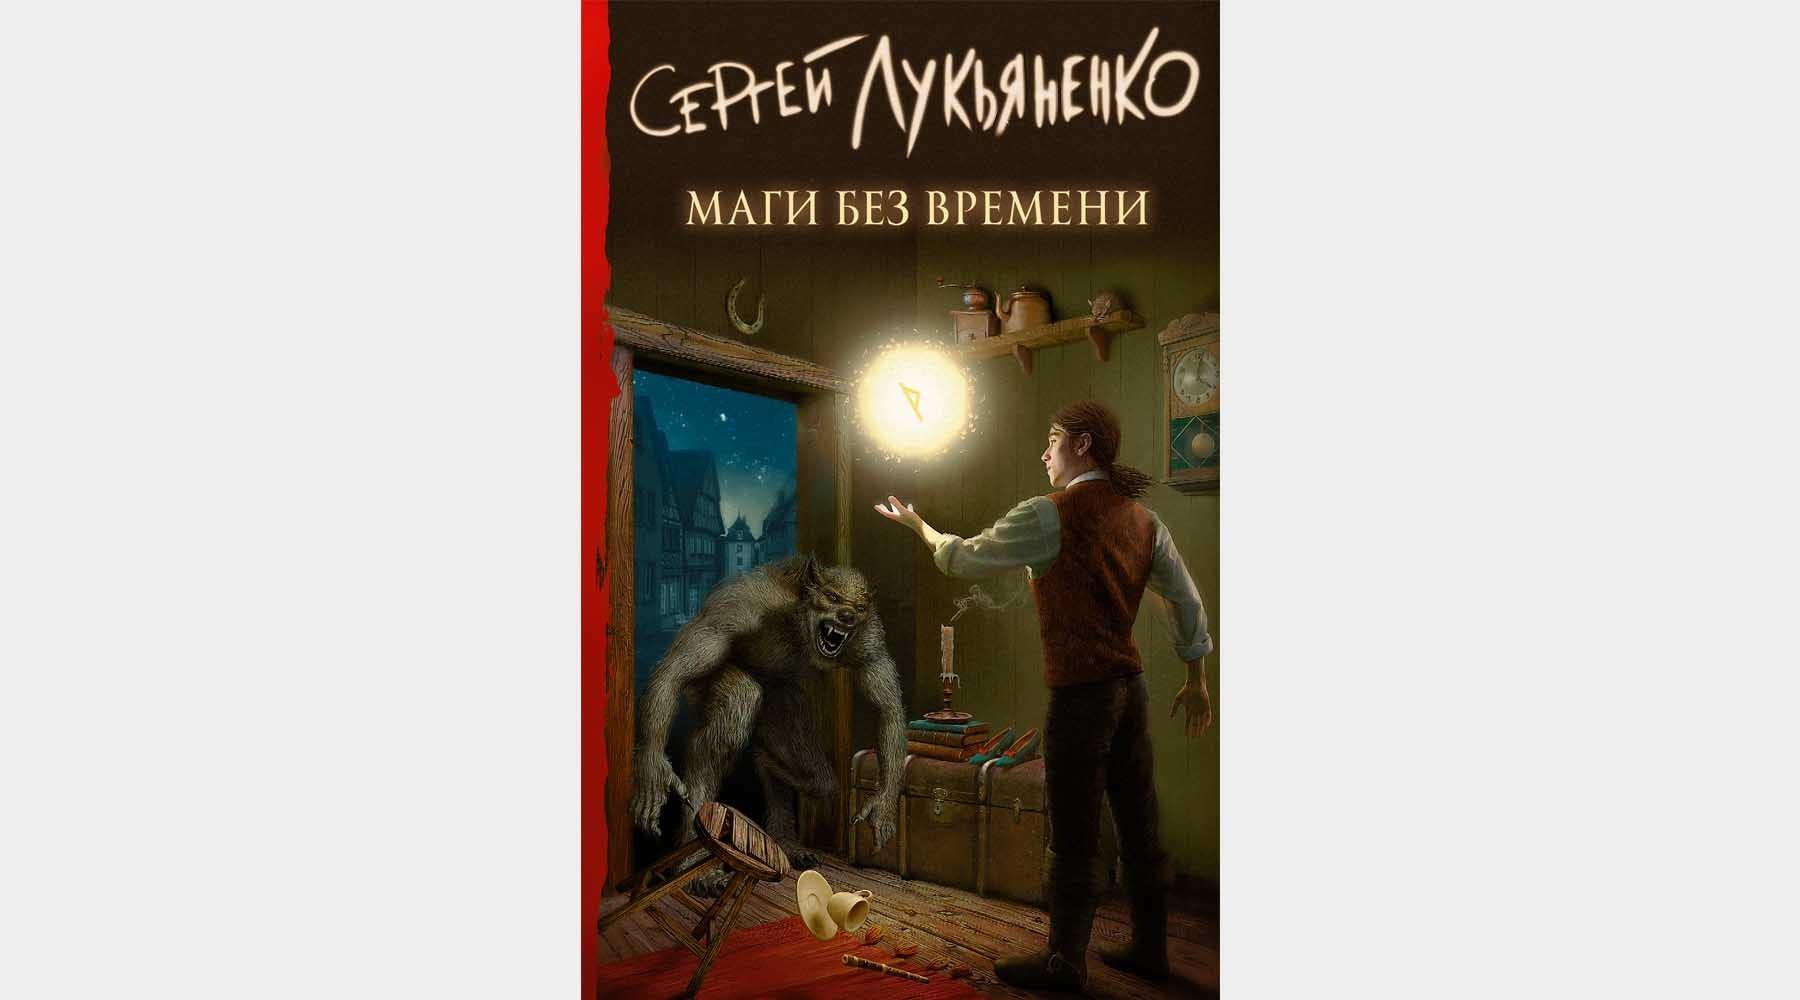 Экспериментальный роман Лукьяненко и мифы об идеальной жизни: пять новых книг декабря